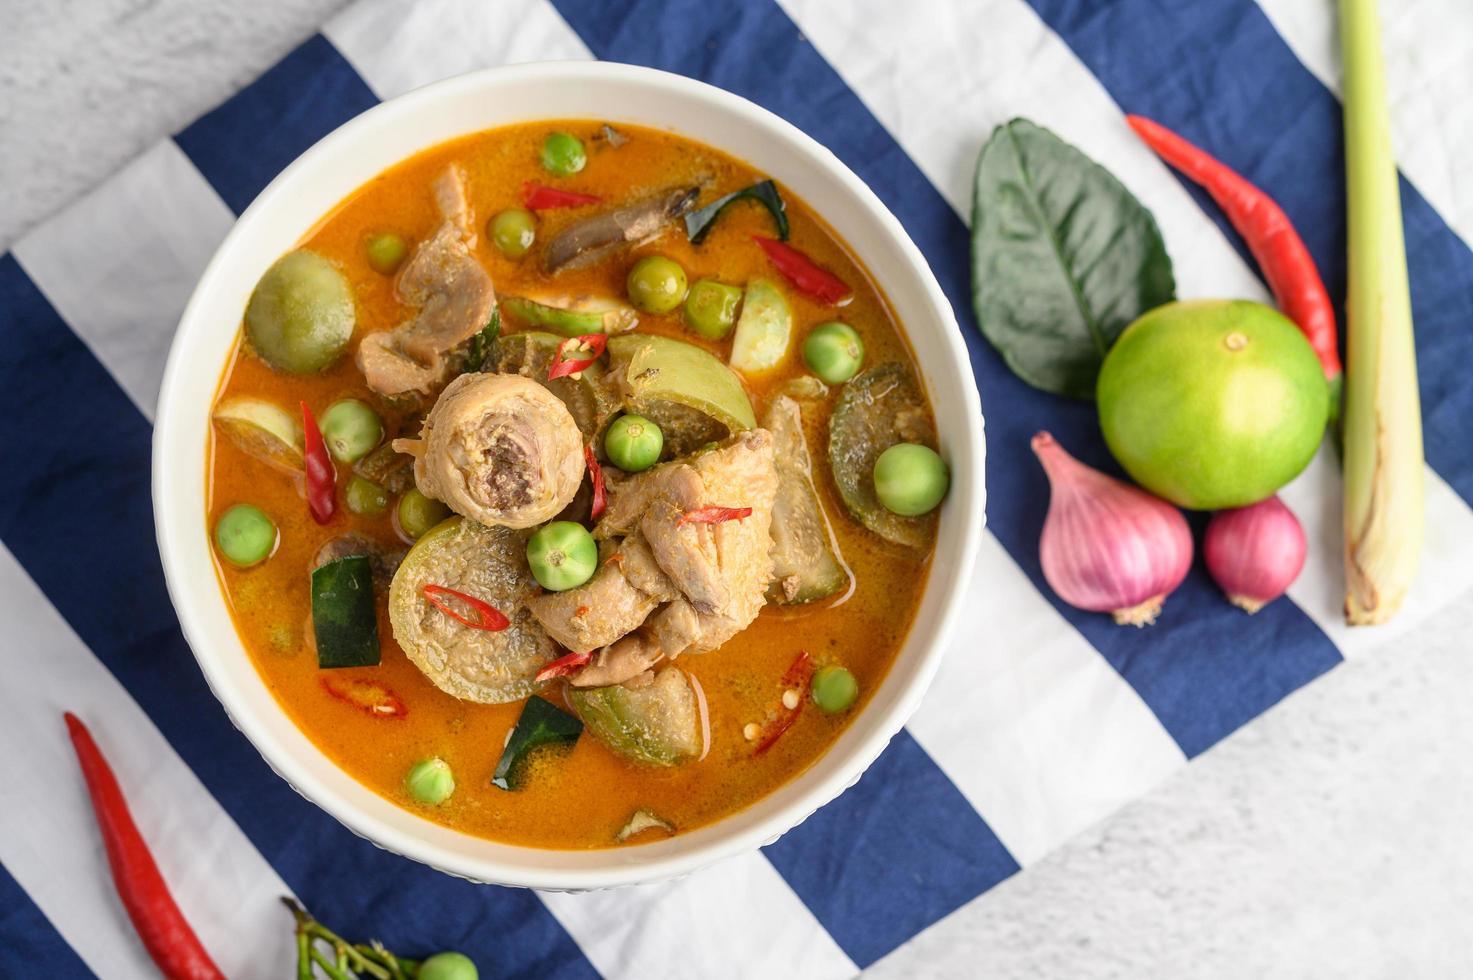 Spicy chicken stir-fried with Thai eggplant photo